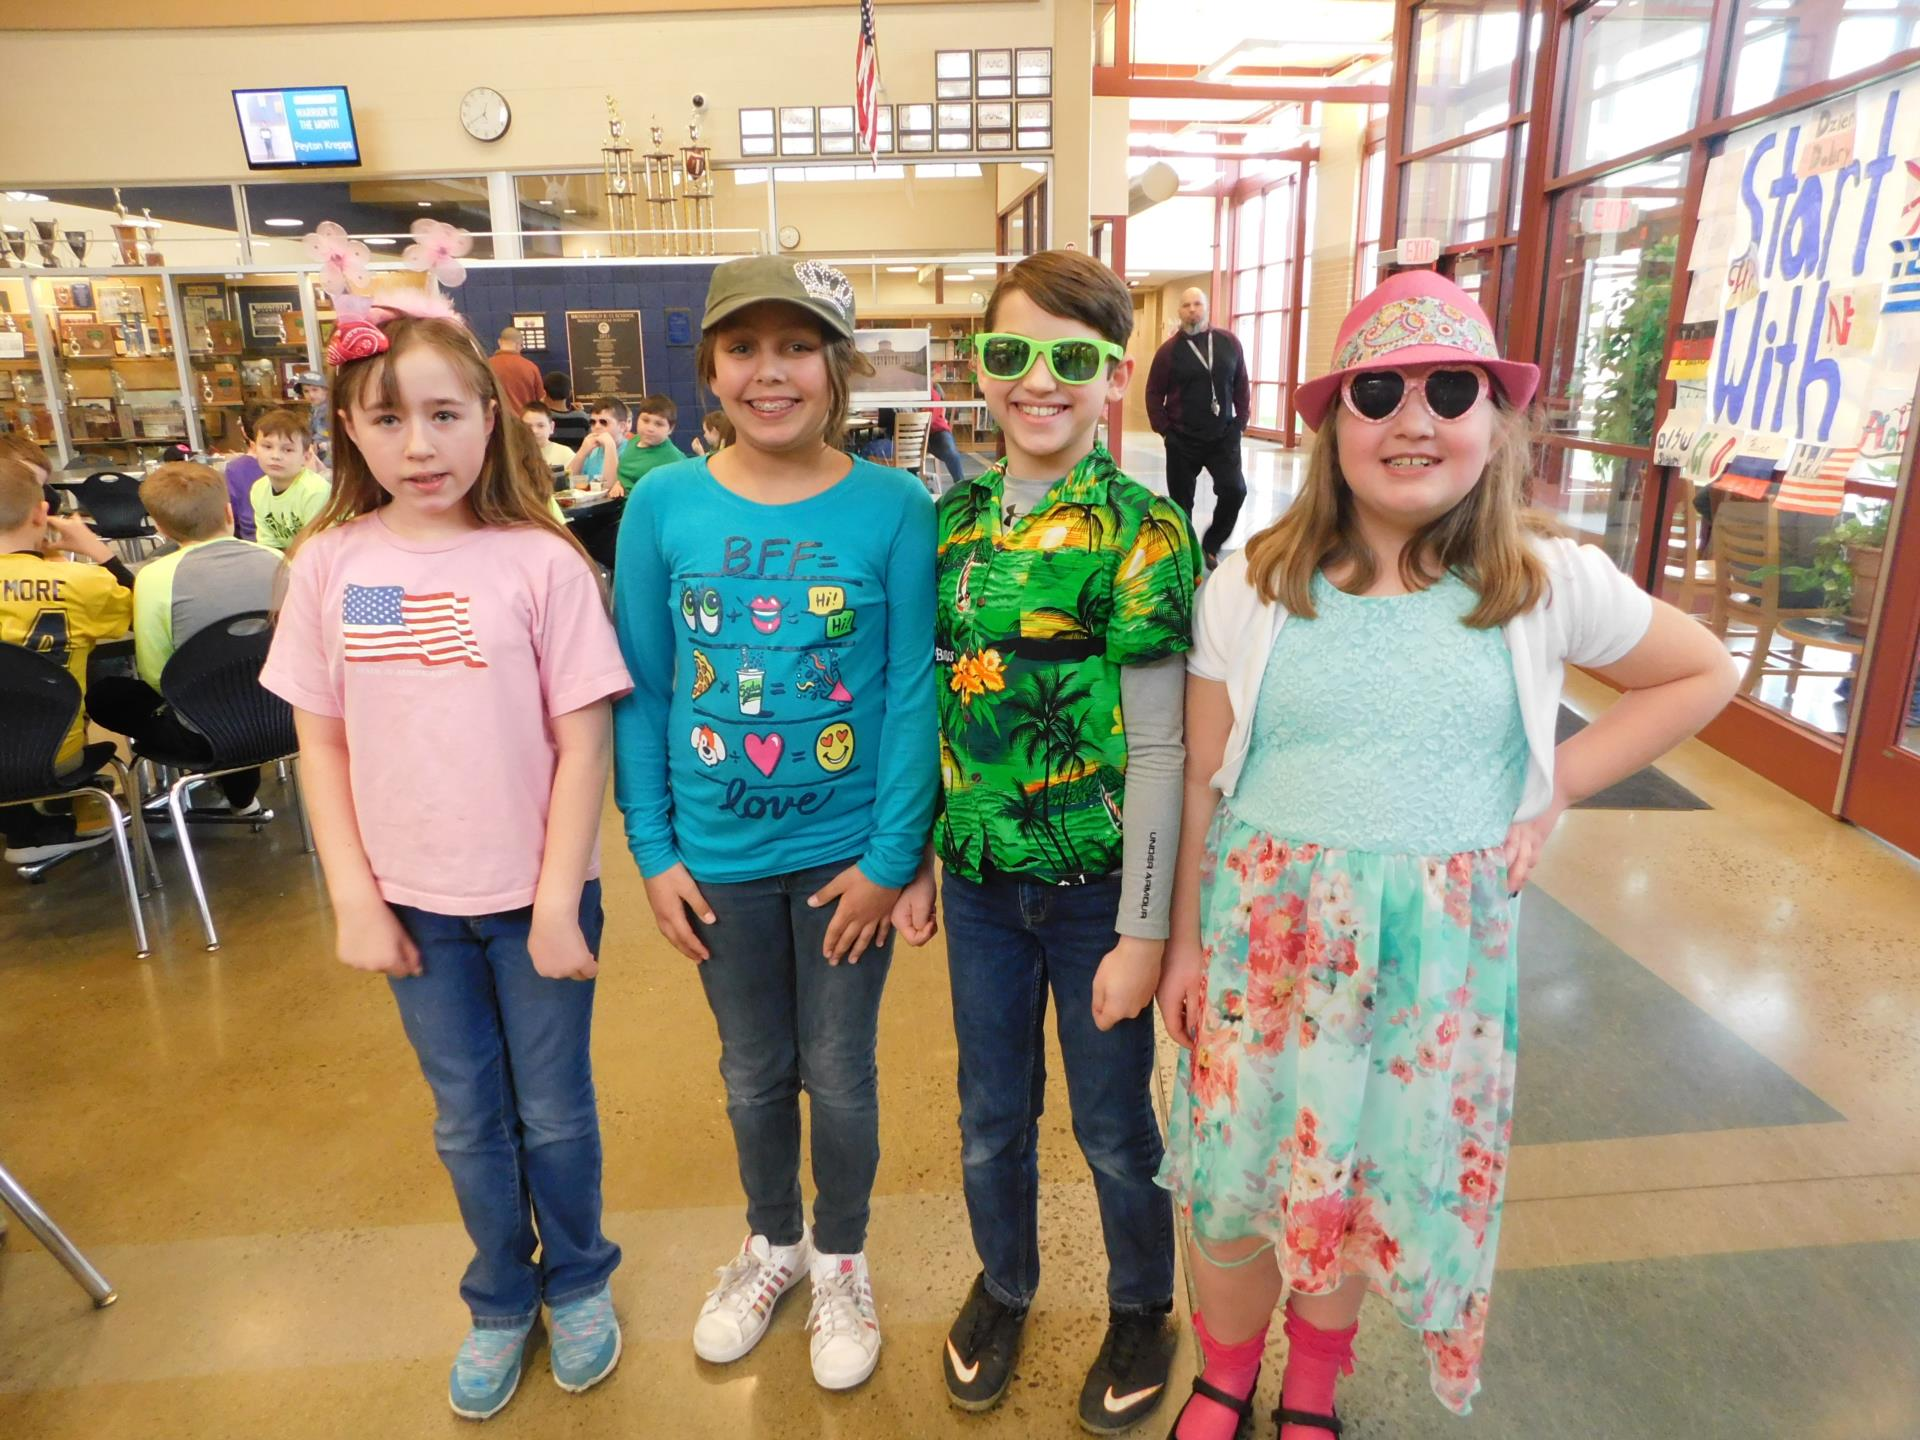 students in summer wear